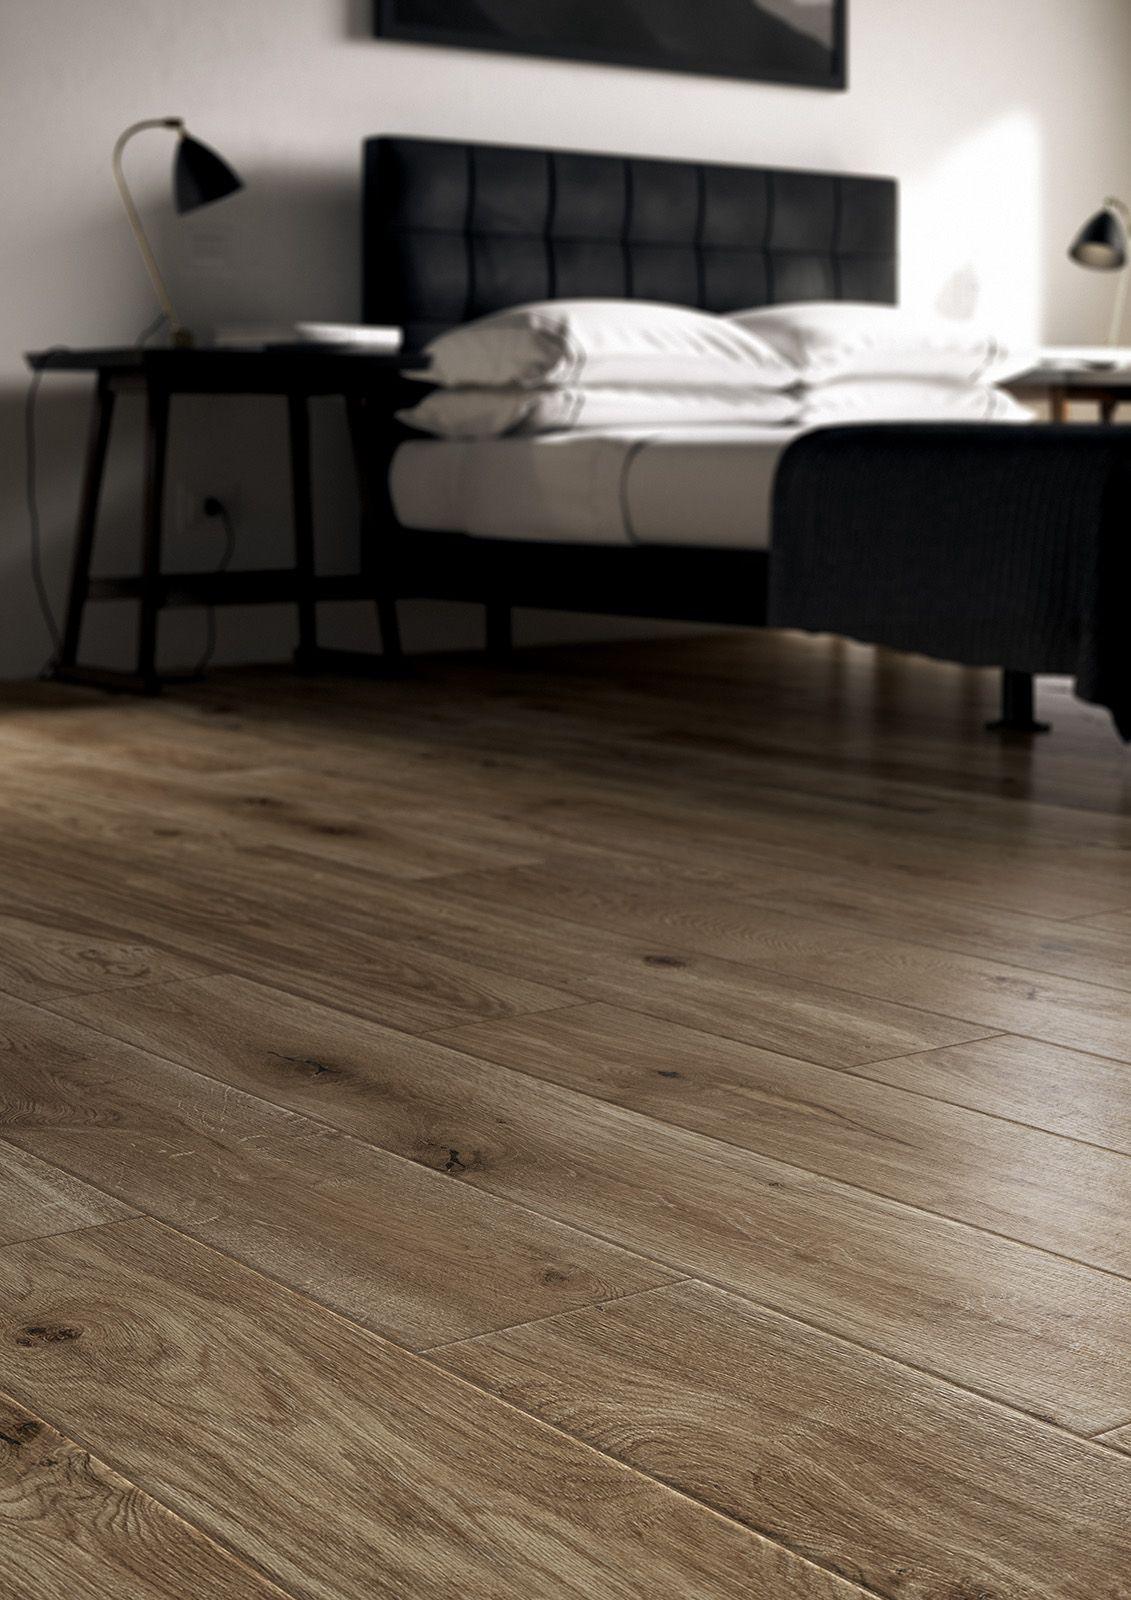 treverkever keramikfliesen marazzi 5818 b den w nde fliesen usw pinterest wohnzimmer. Black Bedroom Furniture Sets. Home Design Ideas